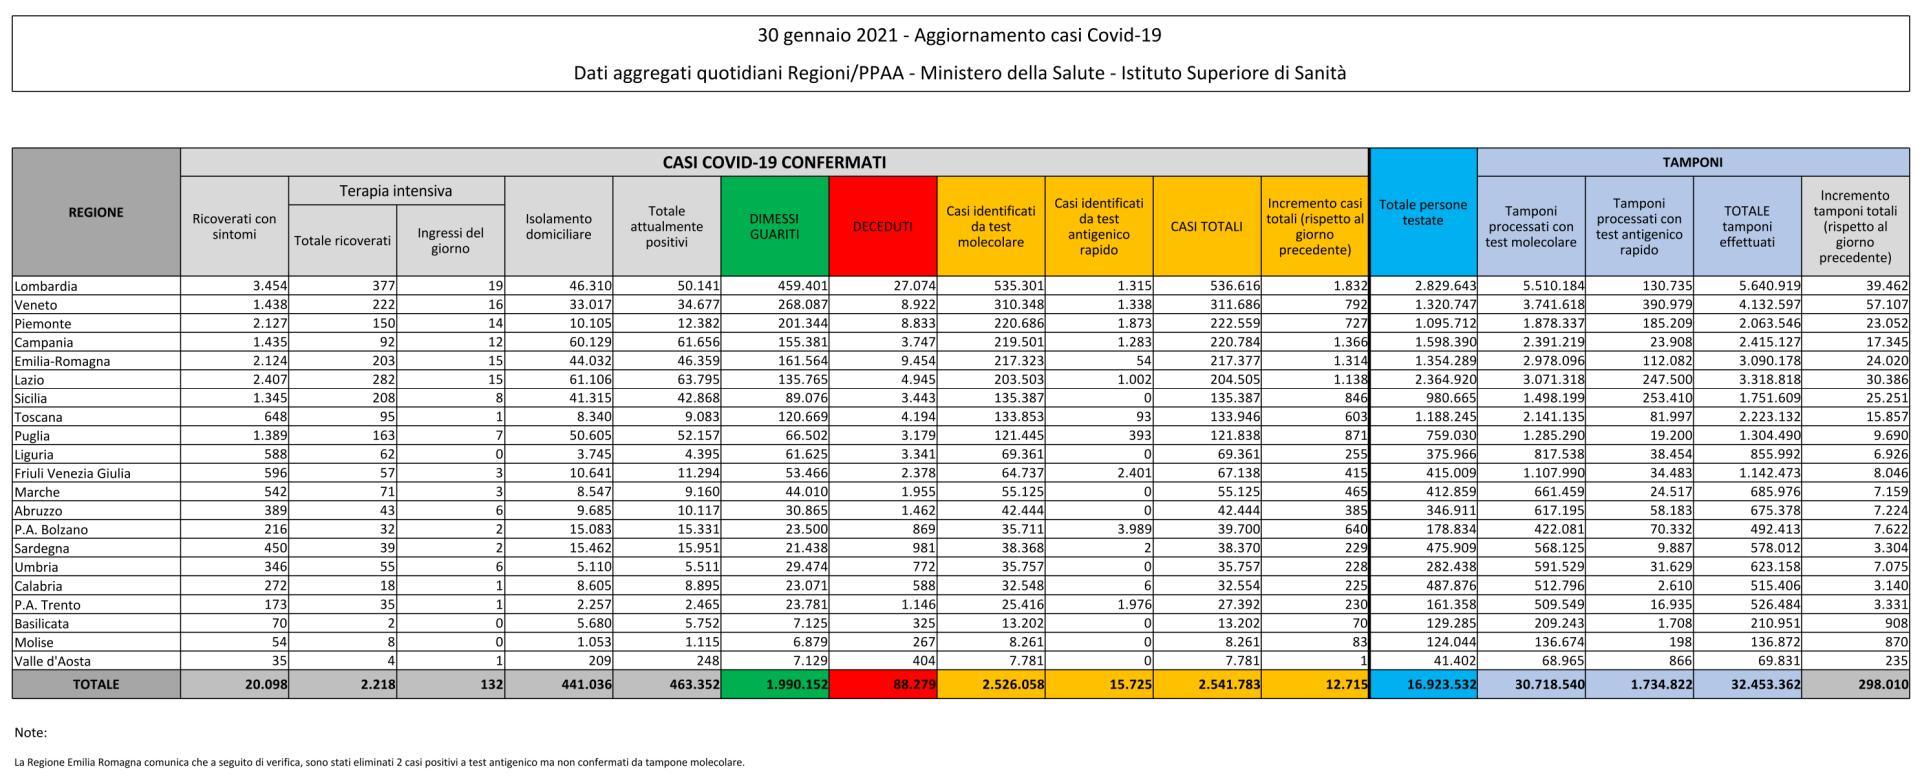 30 gennaio 2021 - Aggiornamento casi Covid-19 Dati aggregati quotidiani Regioni/PPAA - Ministero della Salute - Istituto Superiore di Sanità